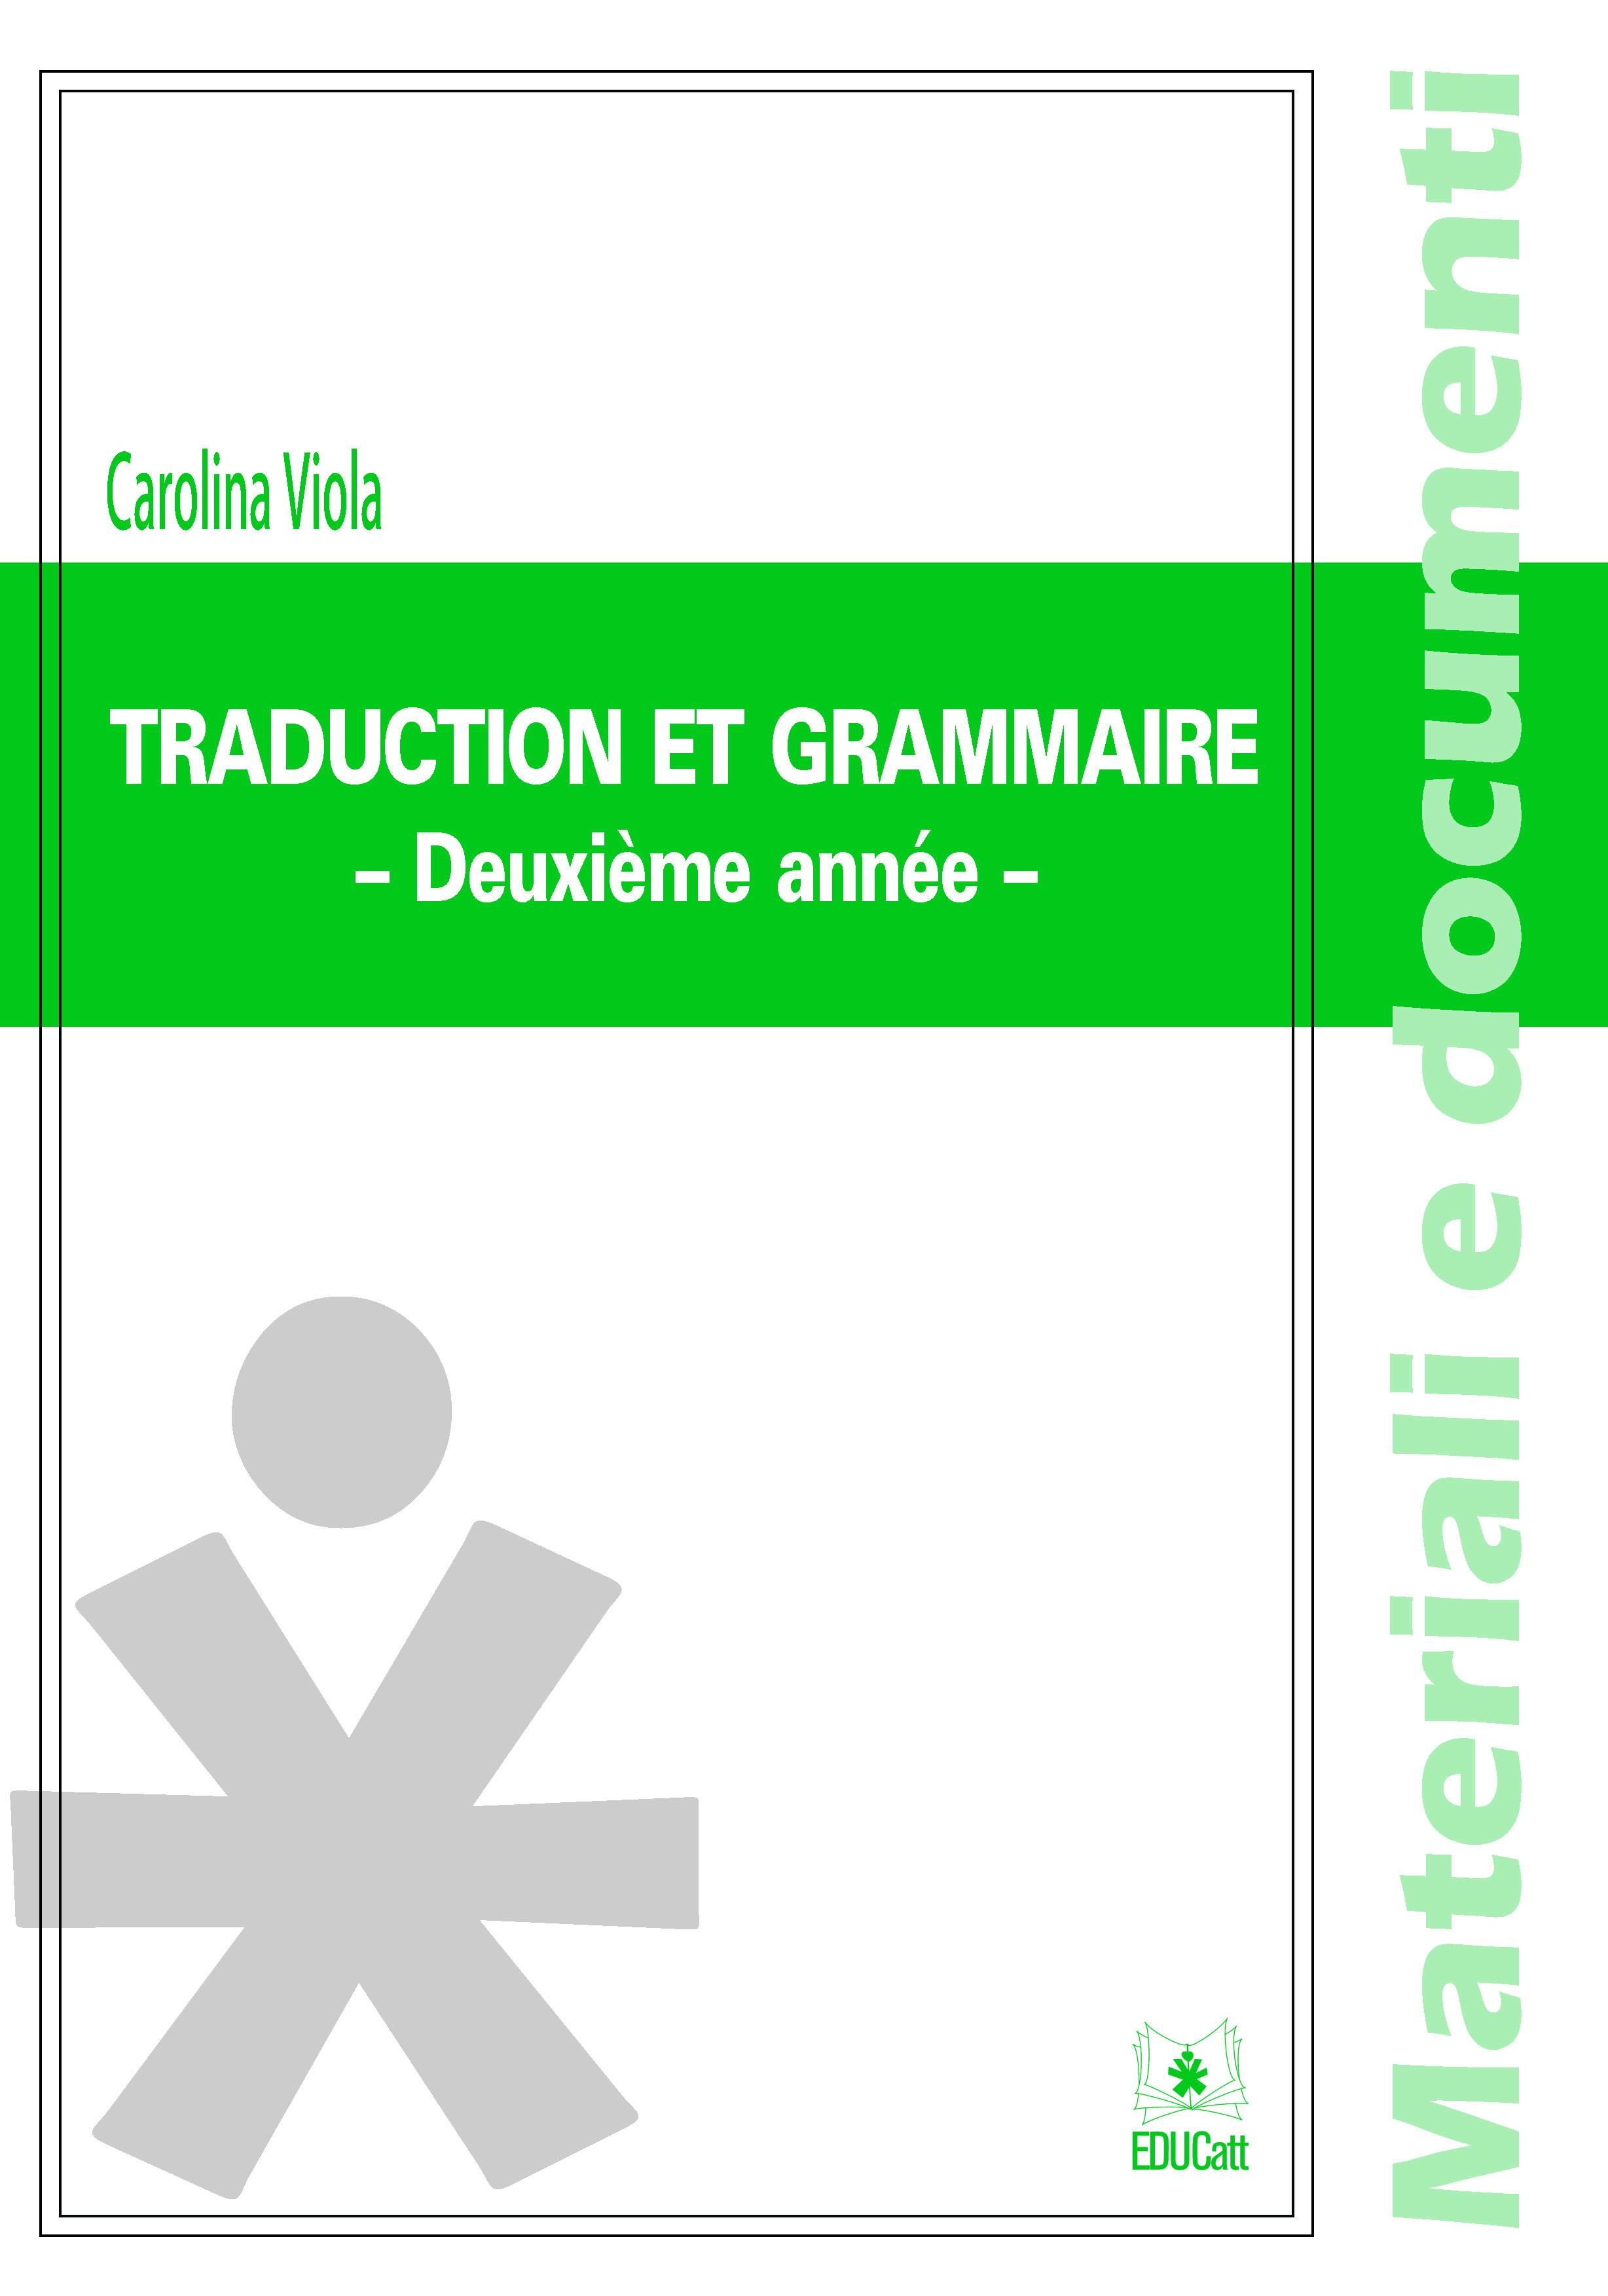 TRADUCTION ET GRAMMAIRE - DEUXIEME ANNEE